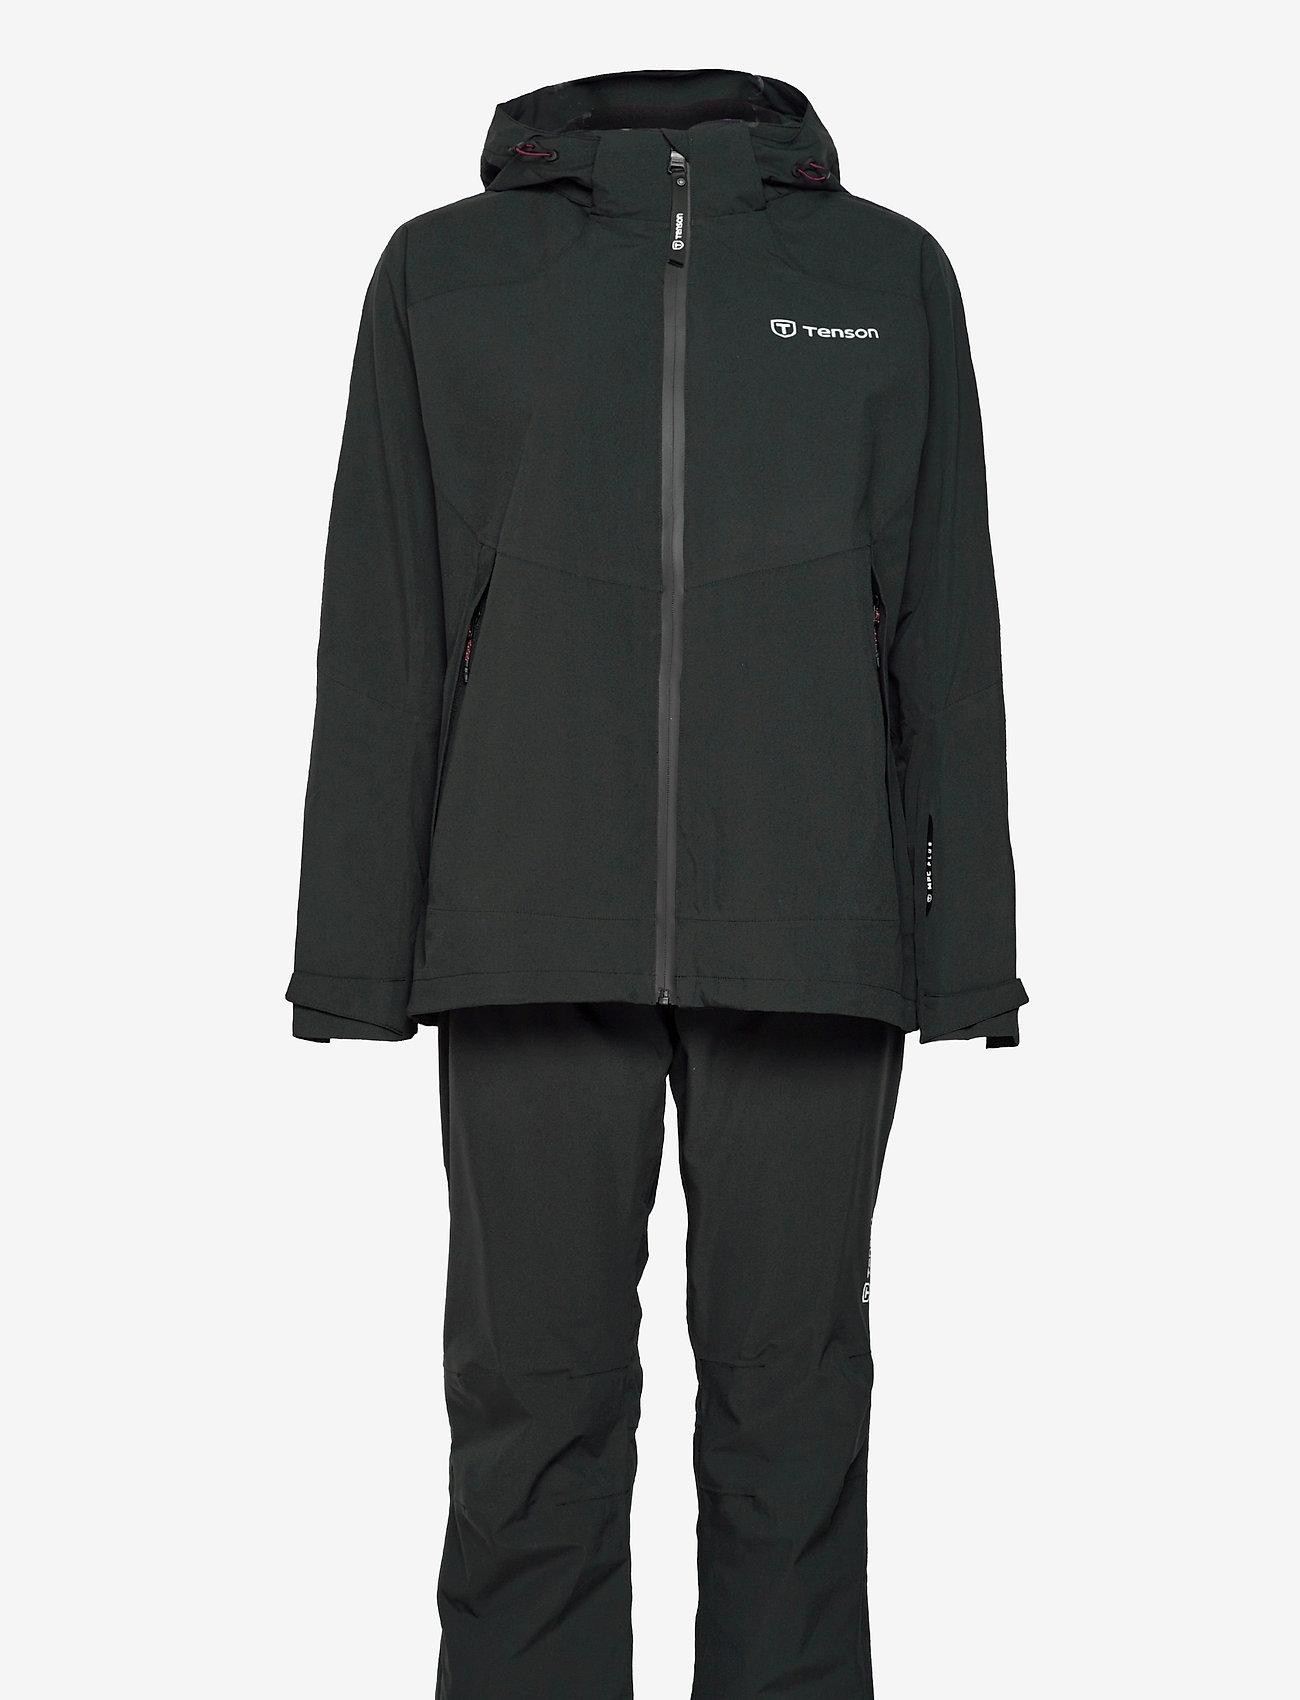 Tenson - HURRICANE XP SET W - manteaux de pluie - black - 0